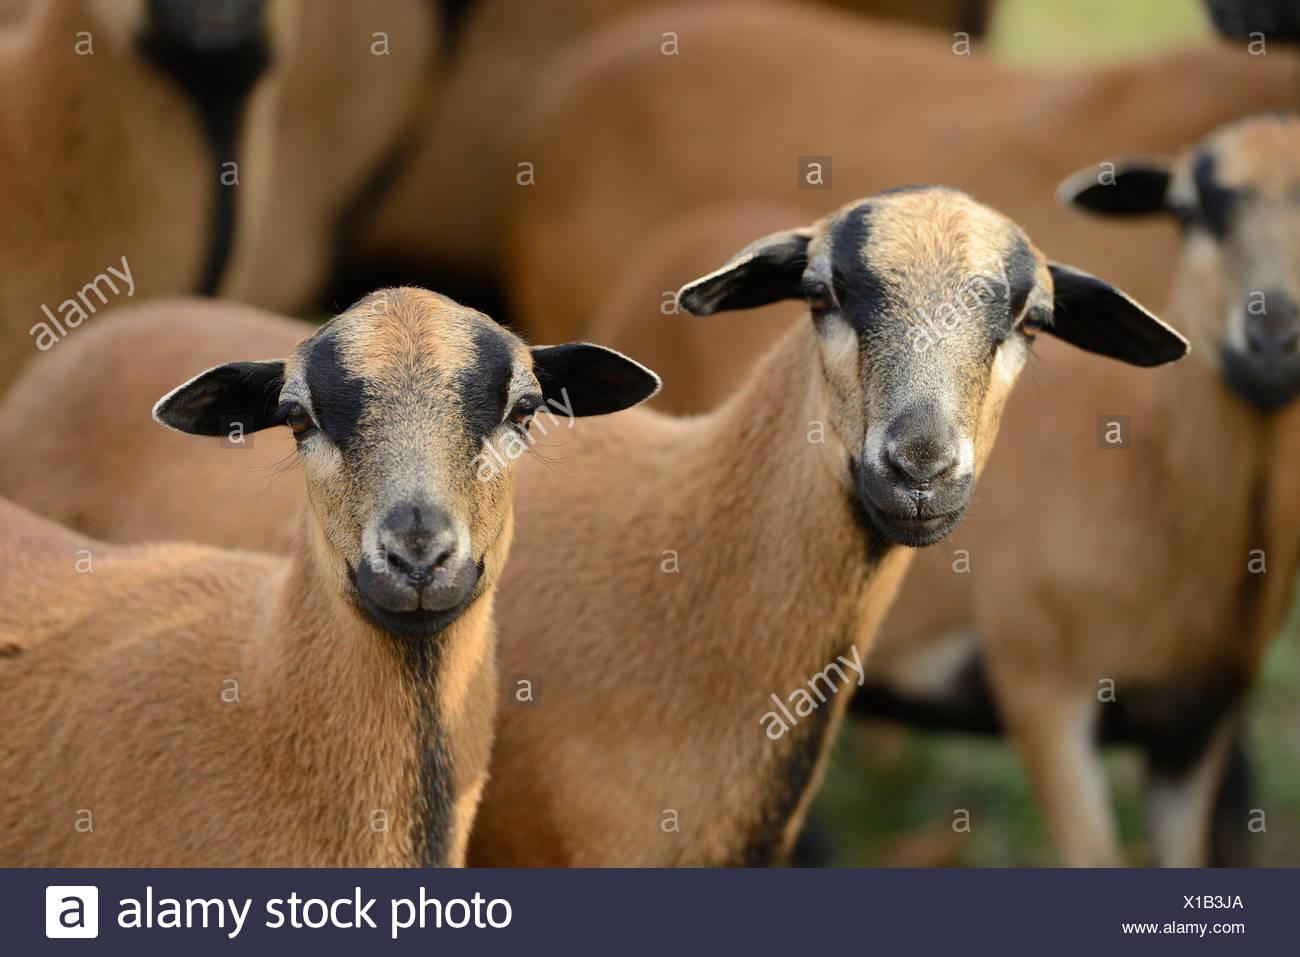 Herd of Cameroon sheep, portrait - Stock Image